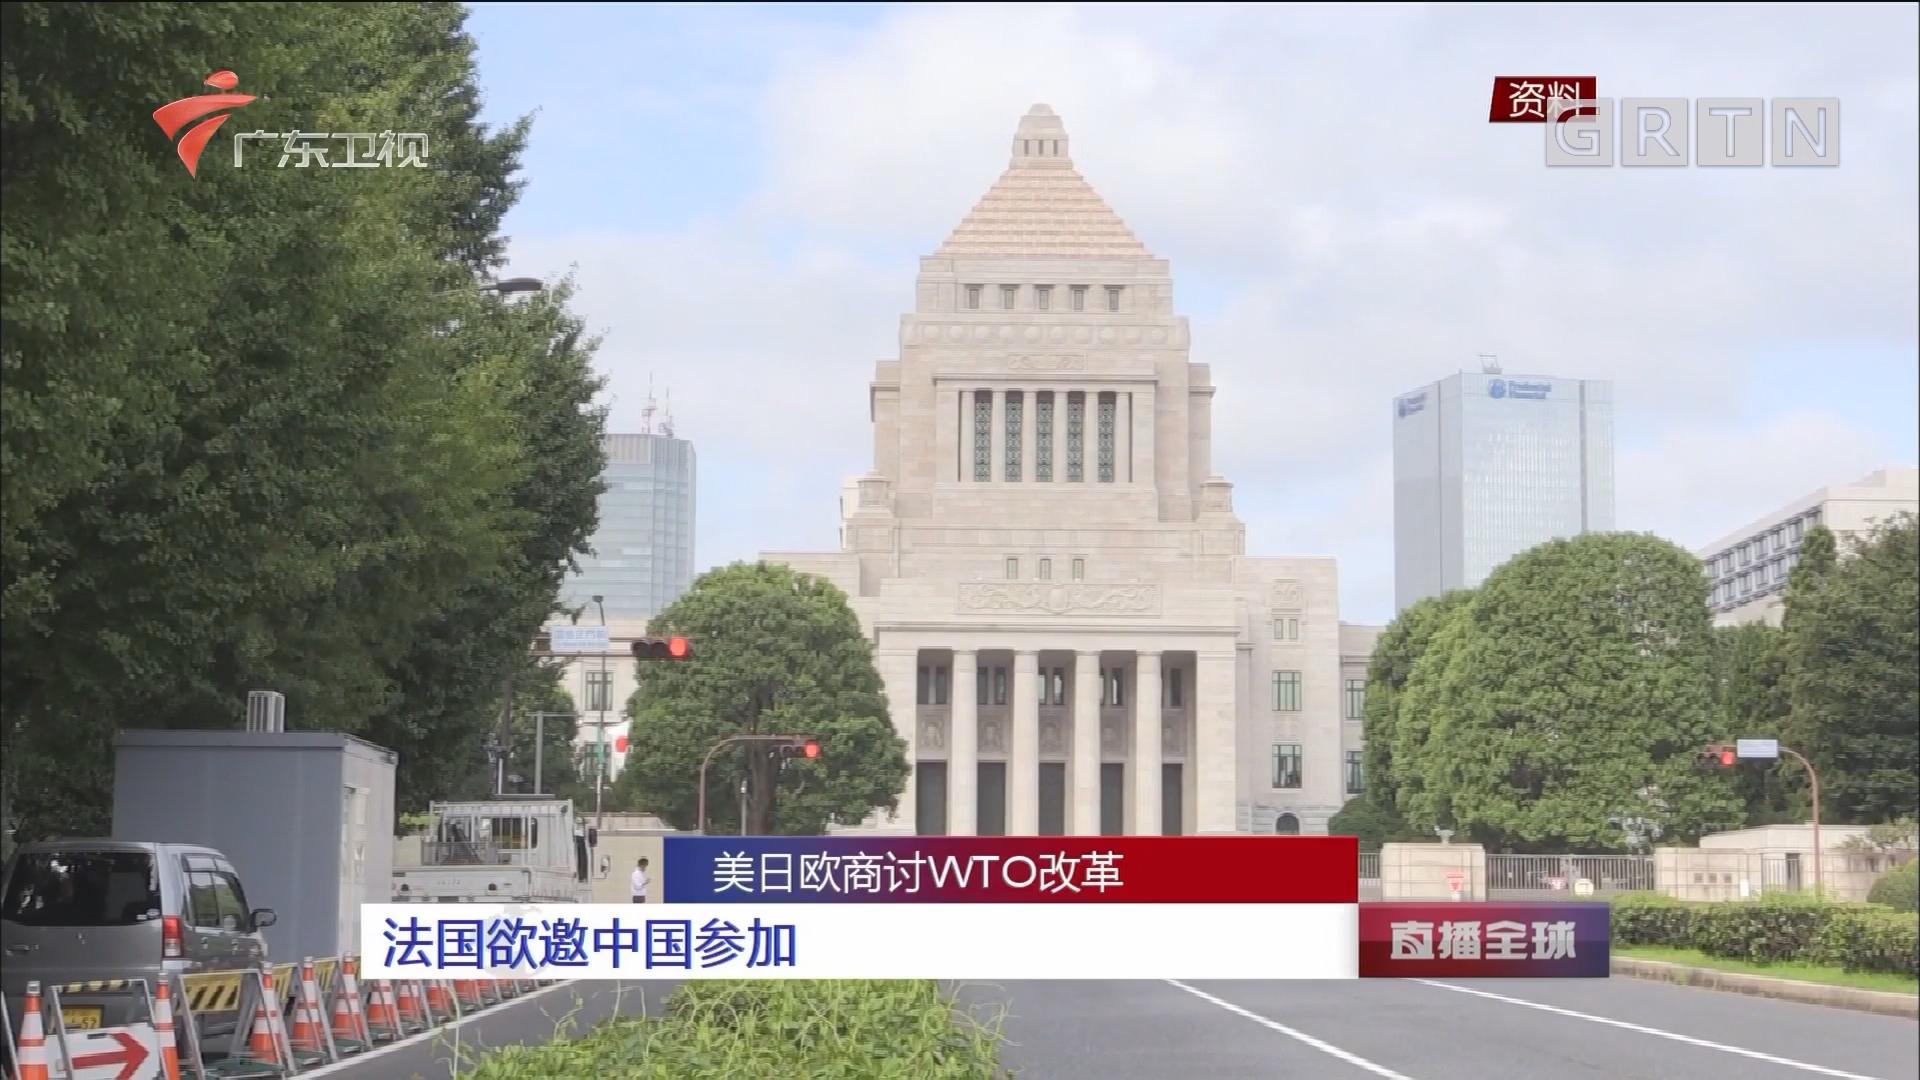 美日欧商讨WTO改革 法国欲邀中国参加